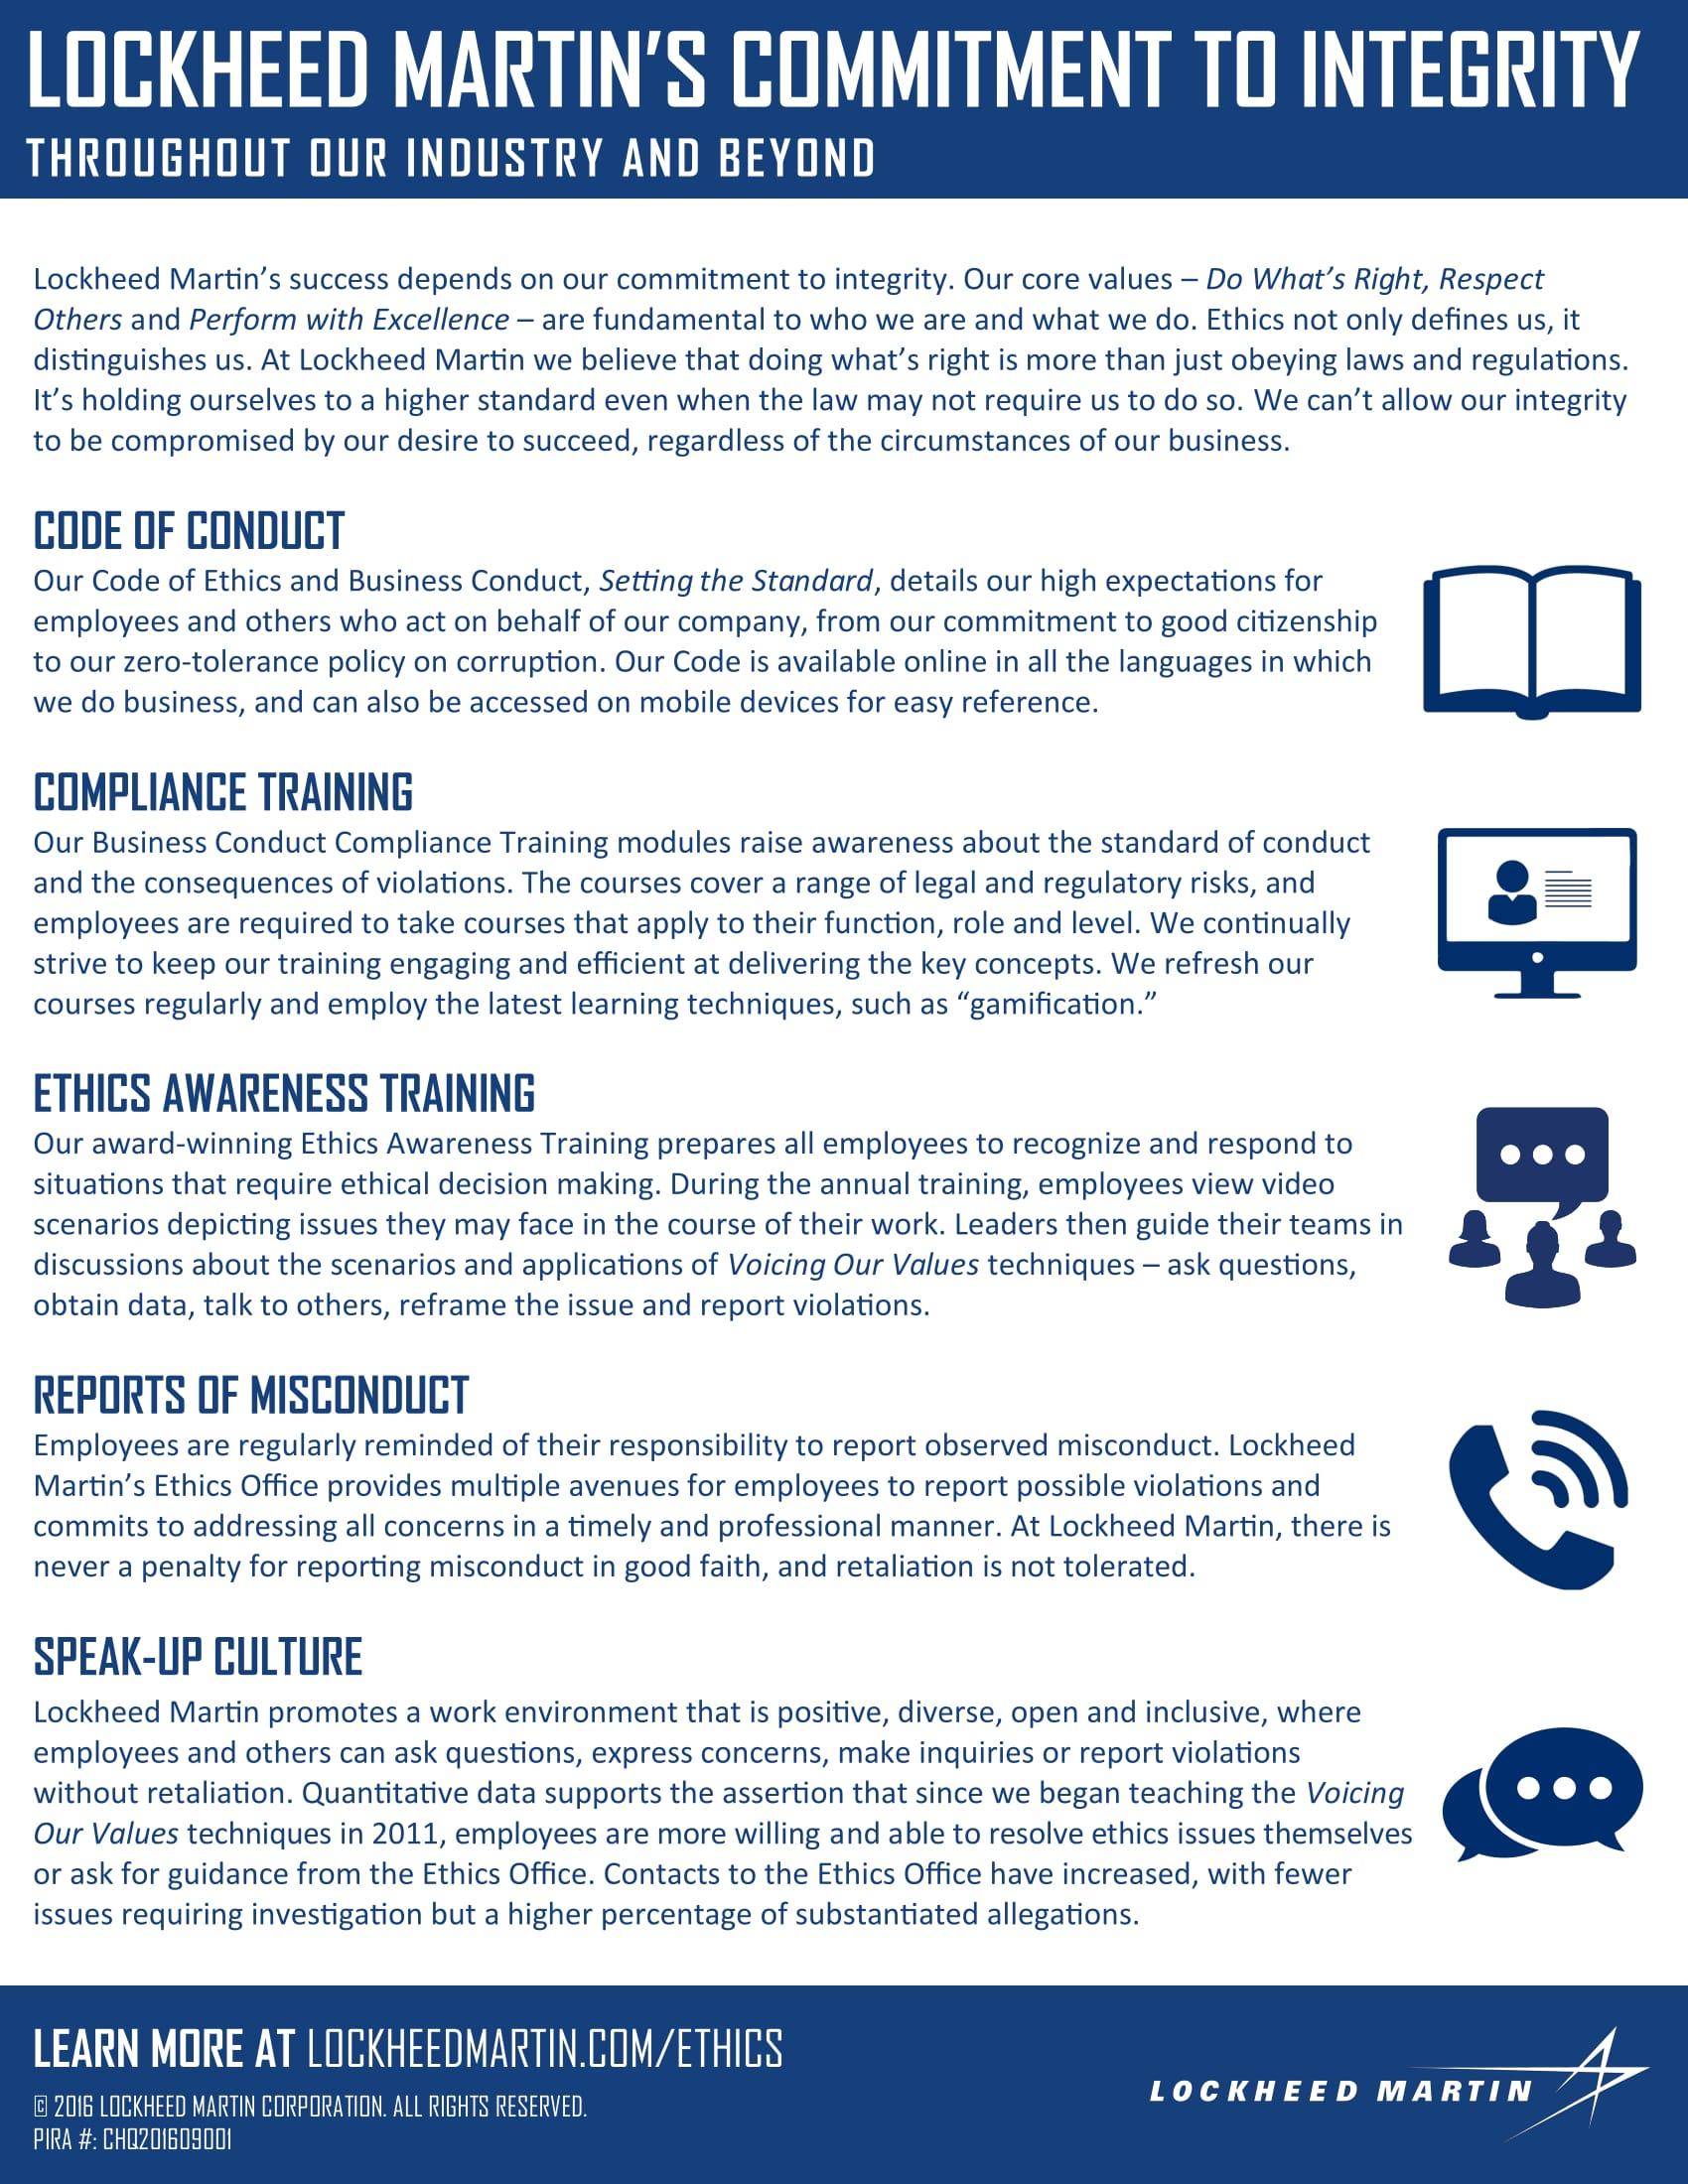 lm-ethics-program-overview-1.jpg